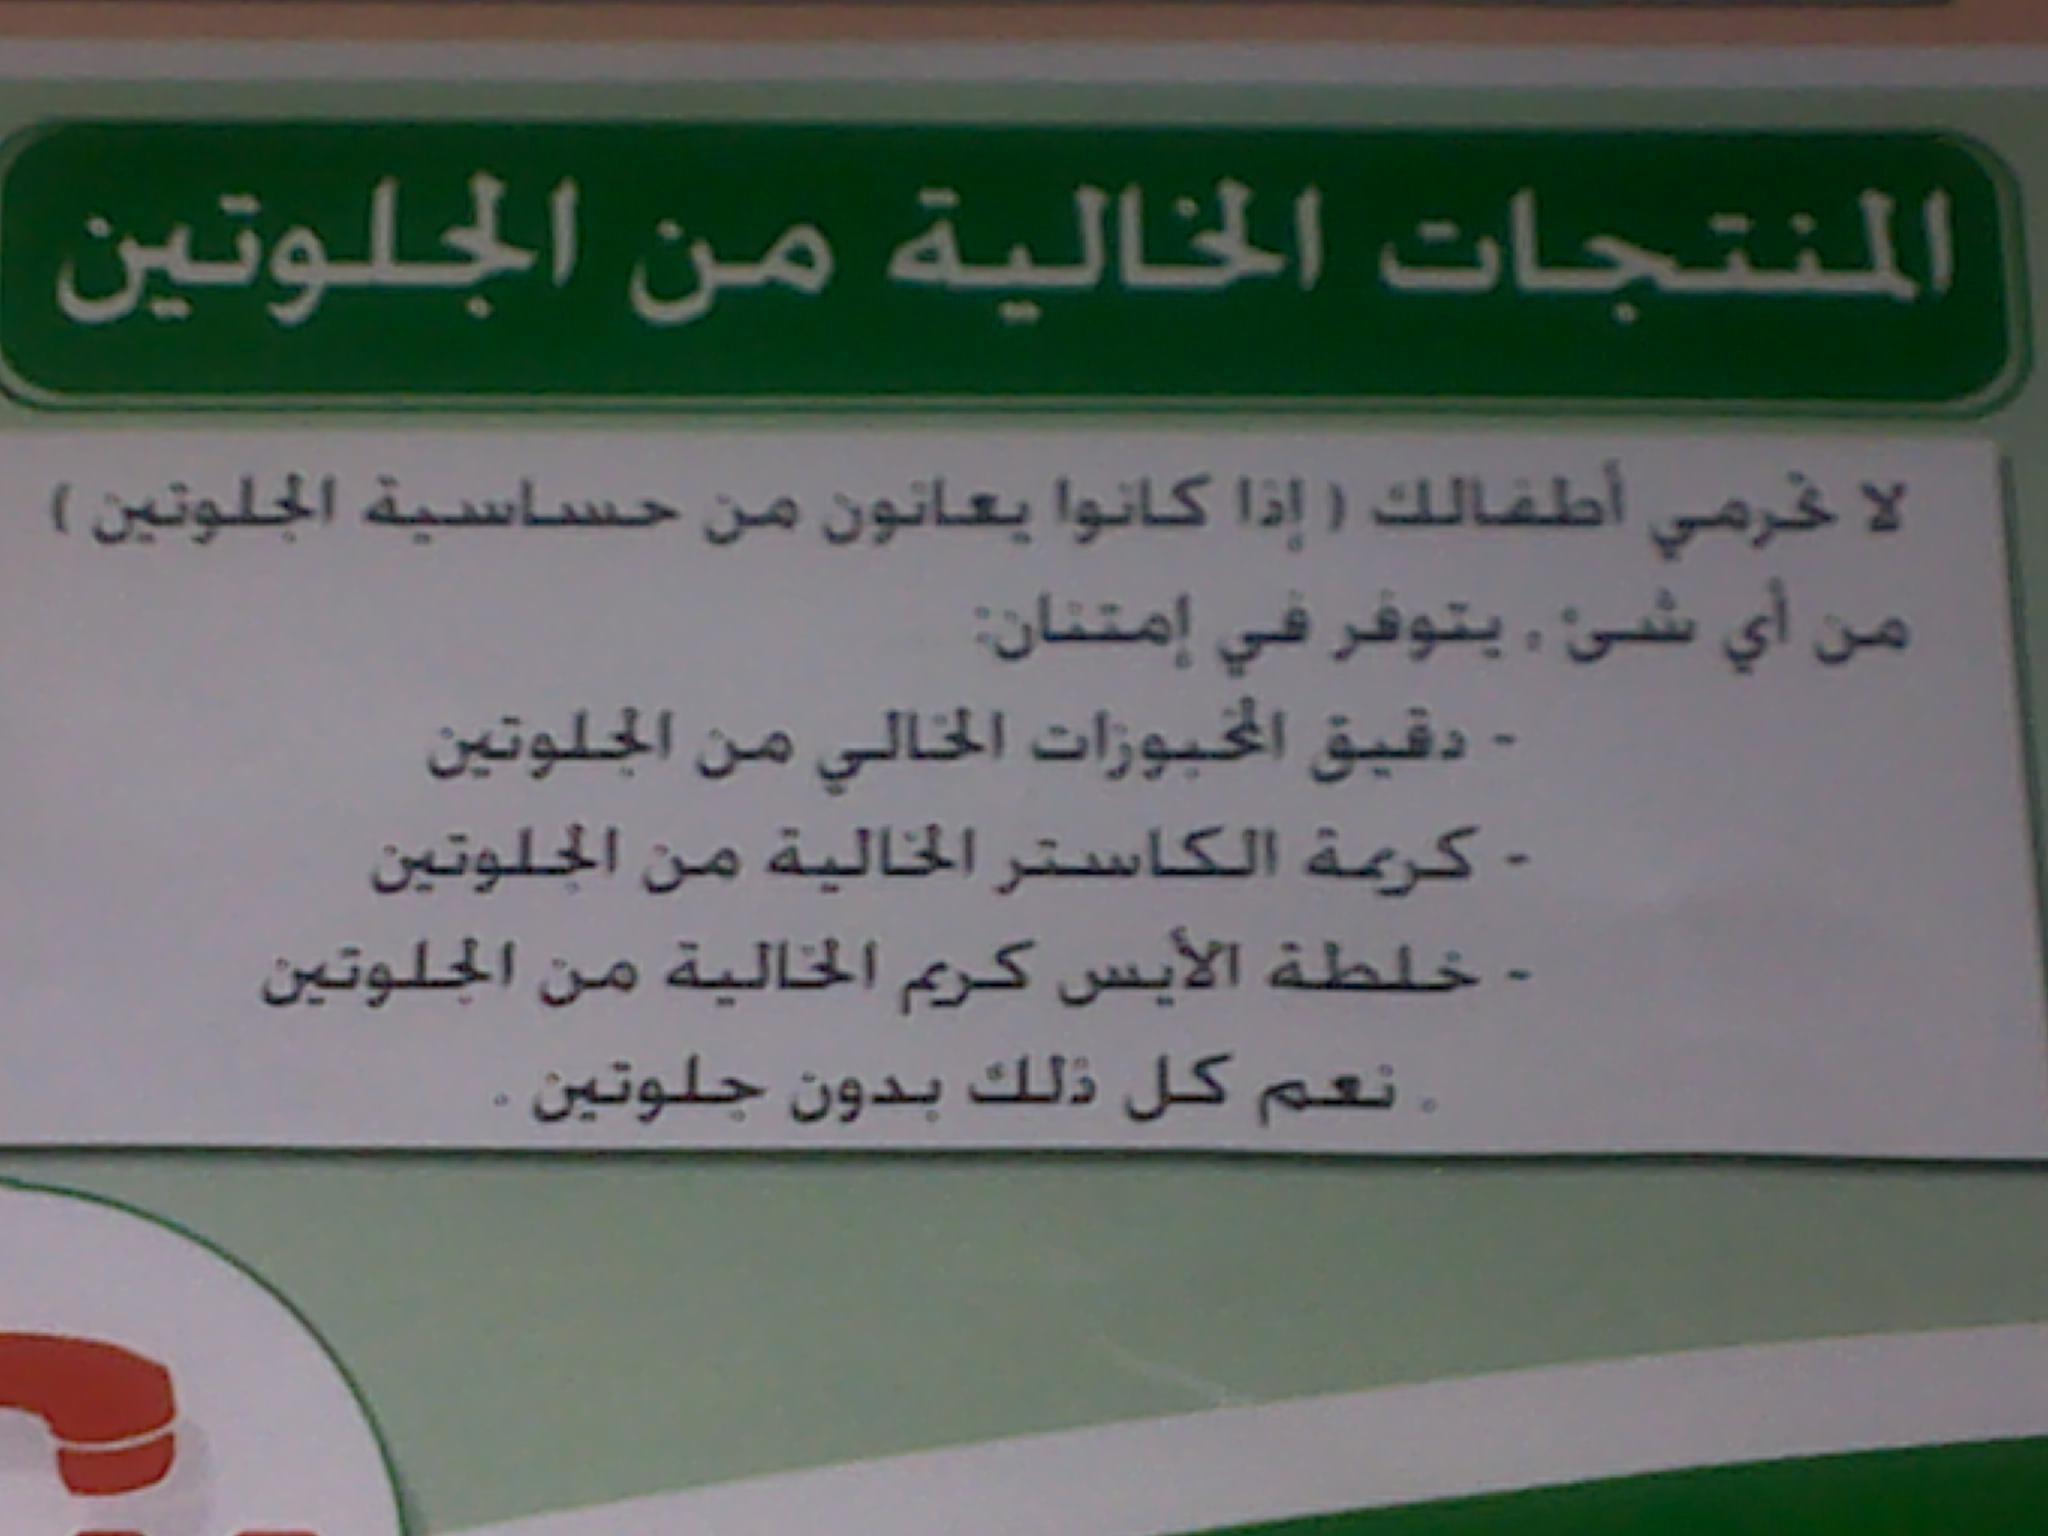 الاندماج كرايستشيرش تصرف بنضج منتجات خالية من الجلوتين مصر Dsvdedommel Com